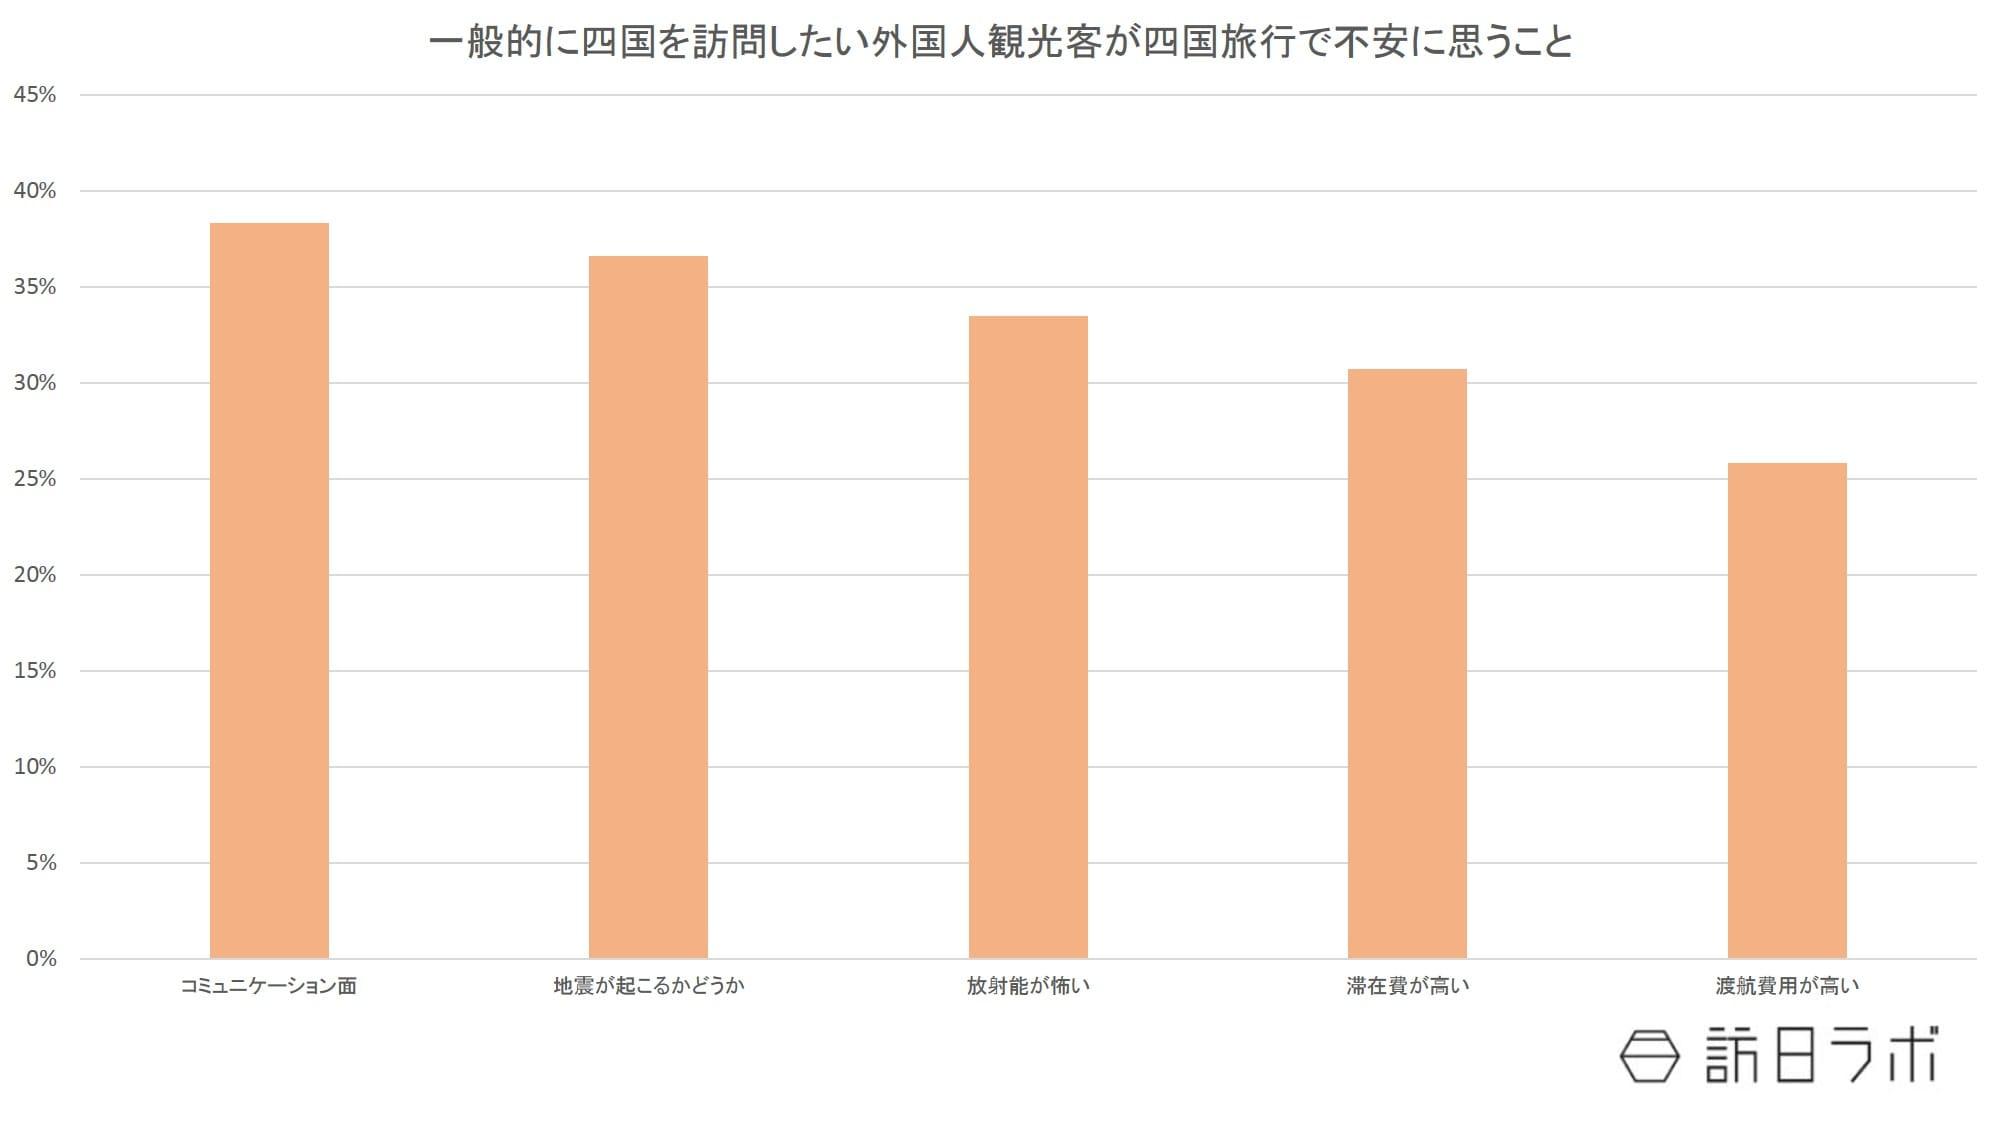 四国訪問希望者が四国旅行で不安に思っていること・地域別:日本政策投資銀行「四国のインバウンド観光動向-DBJ/JTBFアジア・欧米豪訪日外国人旅行者の意向調査(平成28年度版)結果等から-」より数値をグラフ化